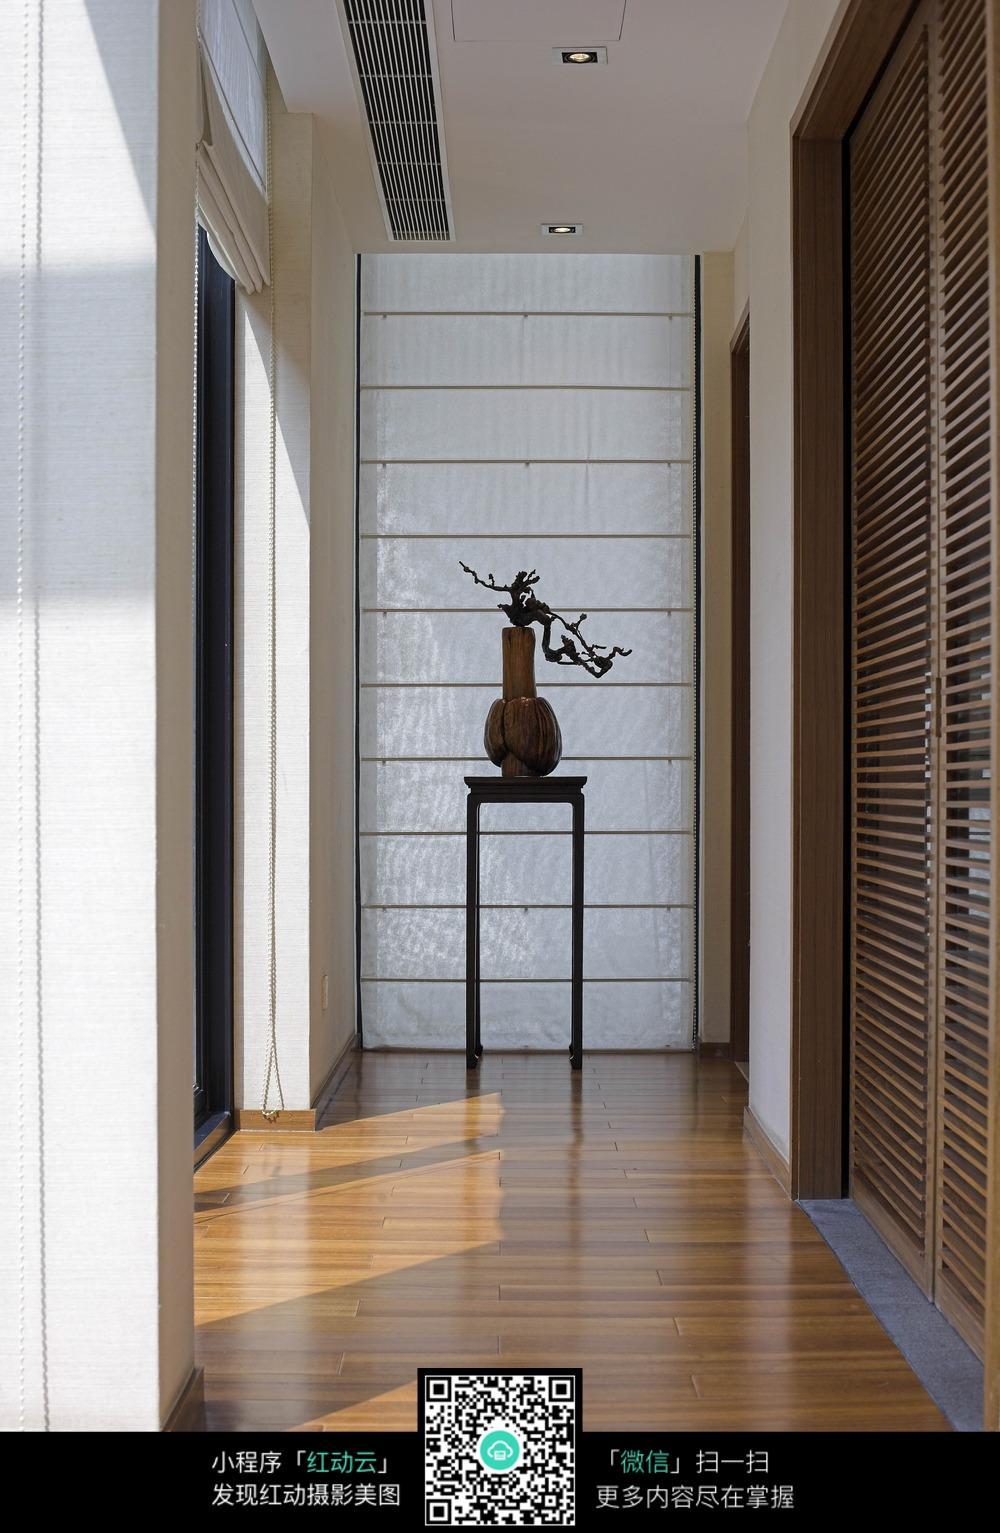 简约木板艺术走廊装修效果图